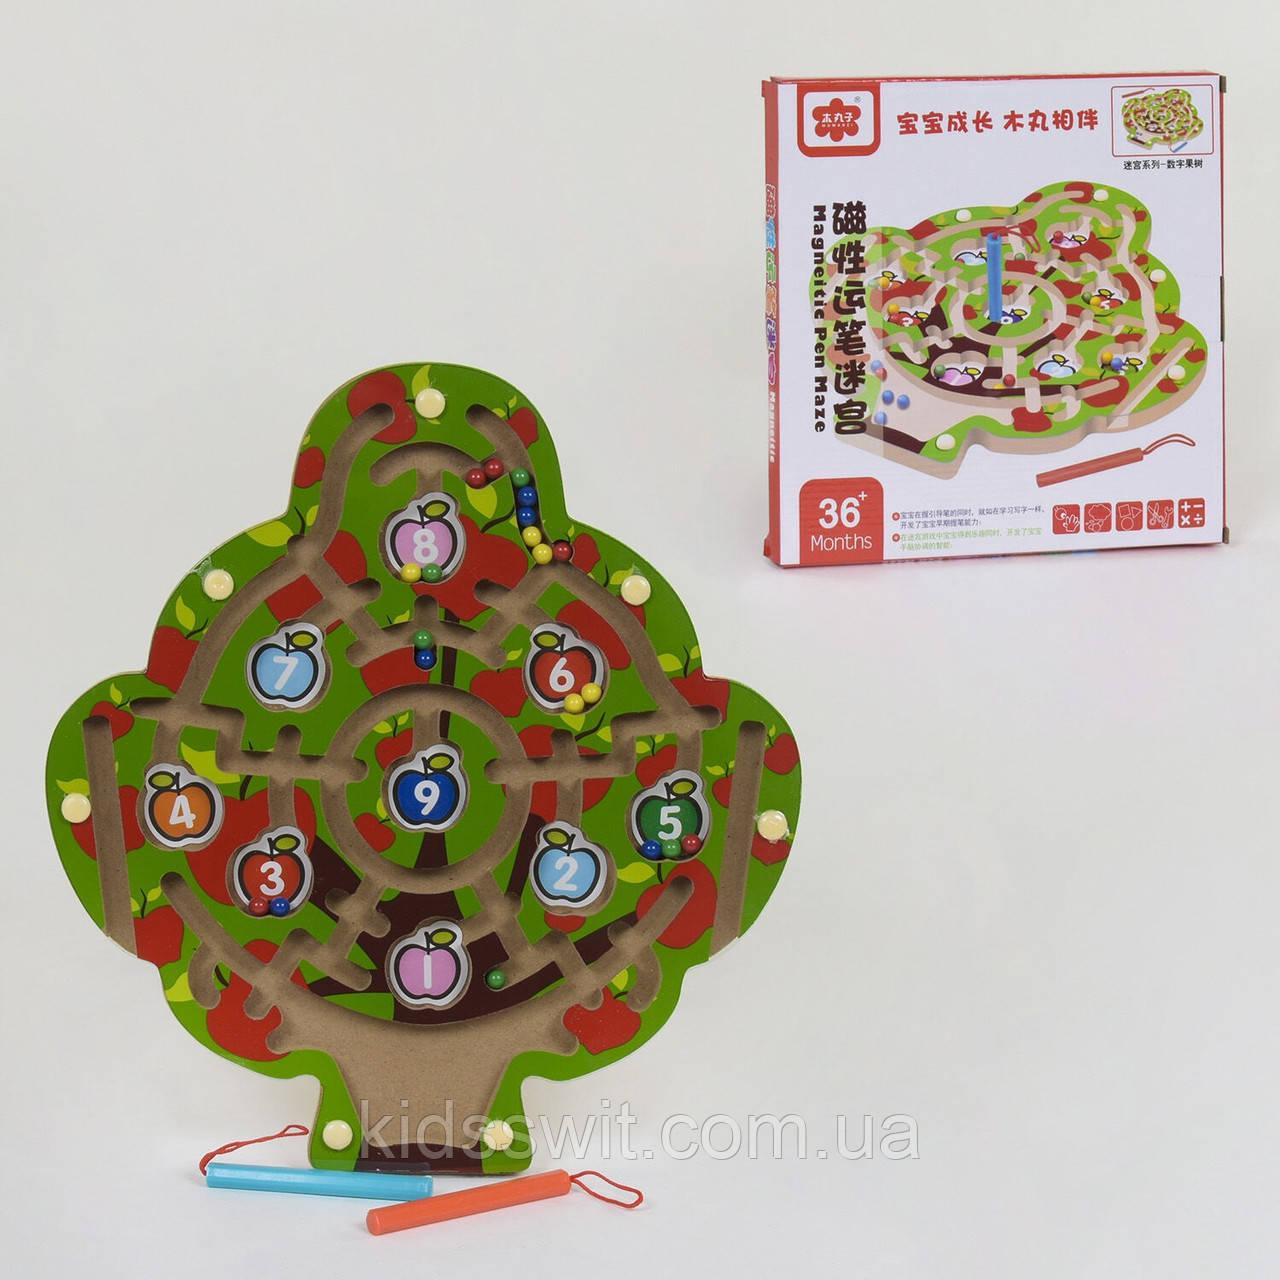 Дерев'яна іграшка Дерево-магнітний Лабіринт, C 39989